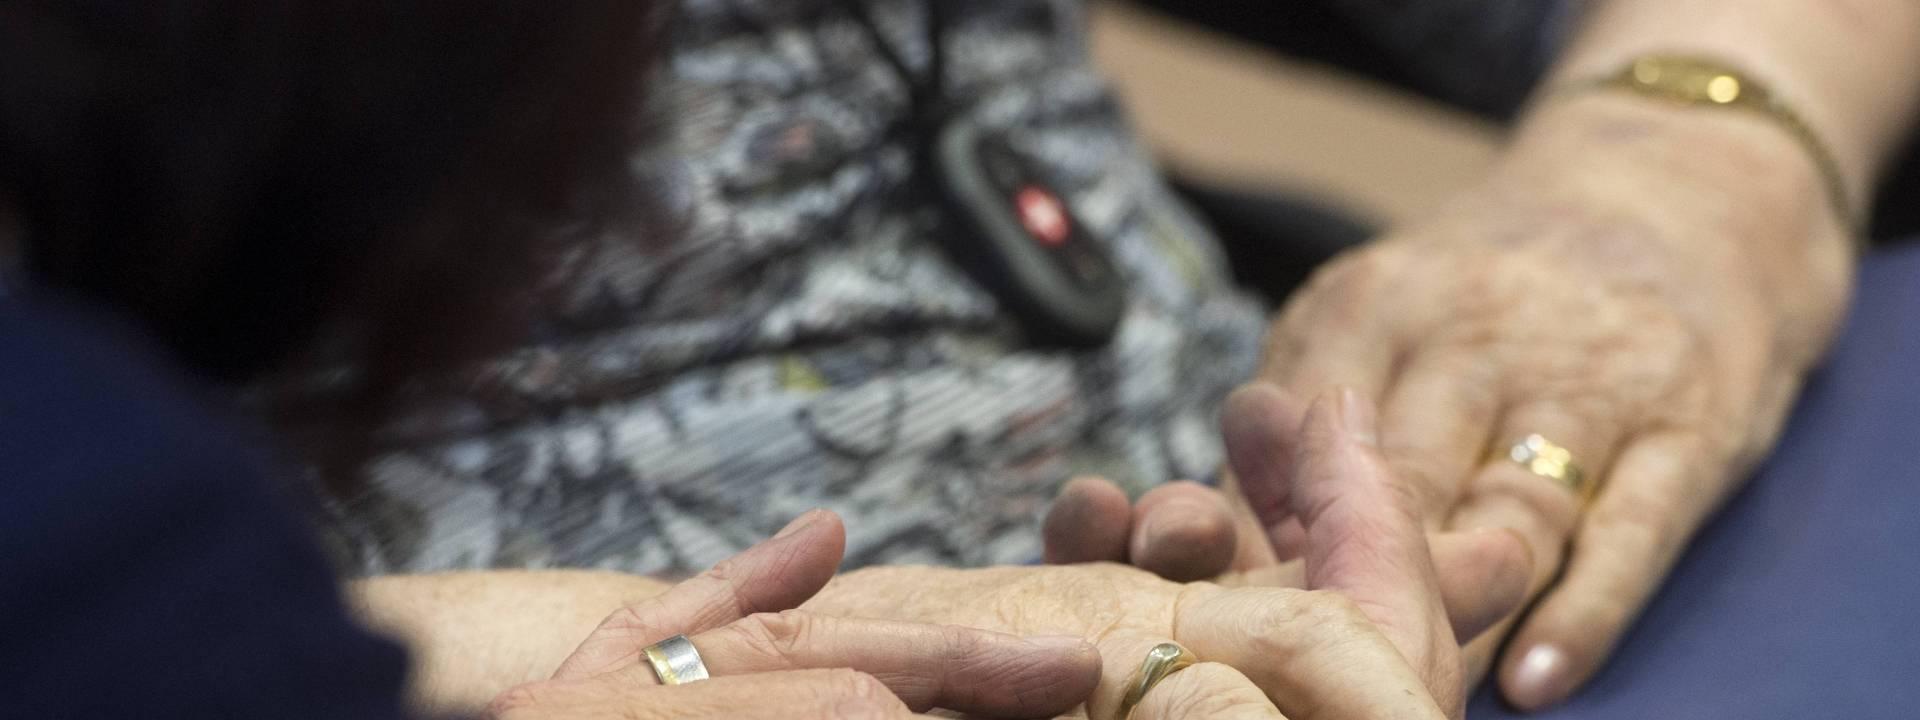 Bunderhof - handen close up - aandacht - medeleven